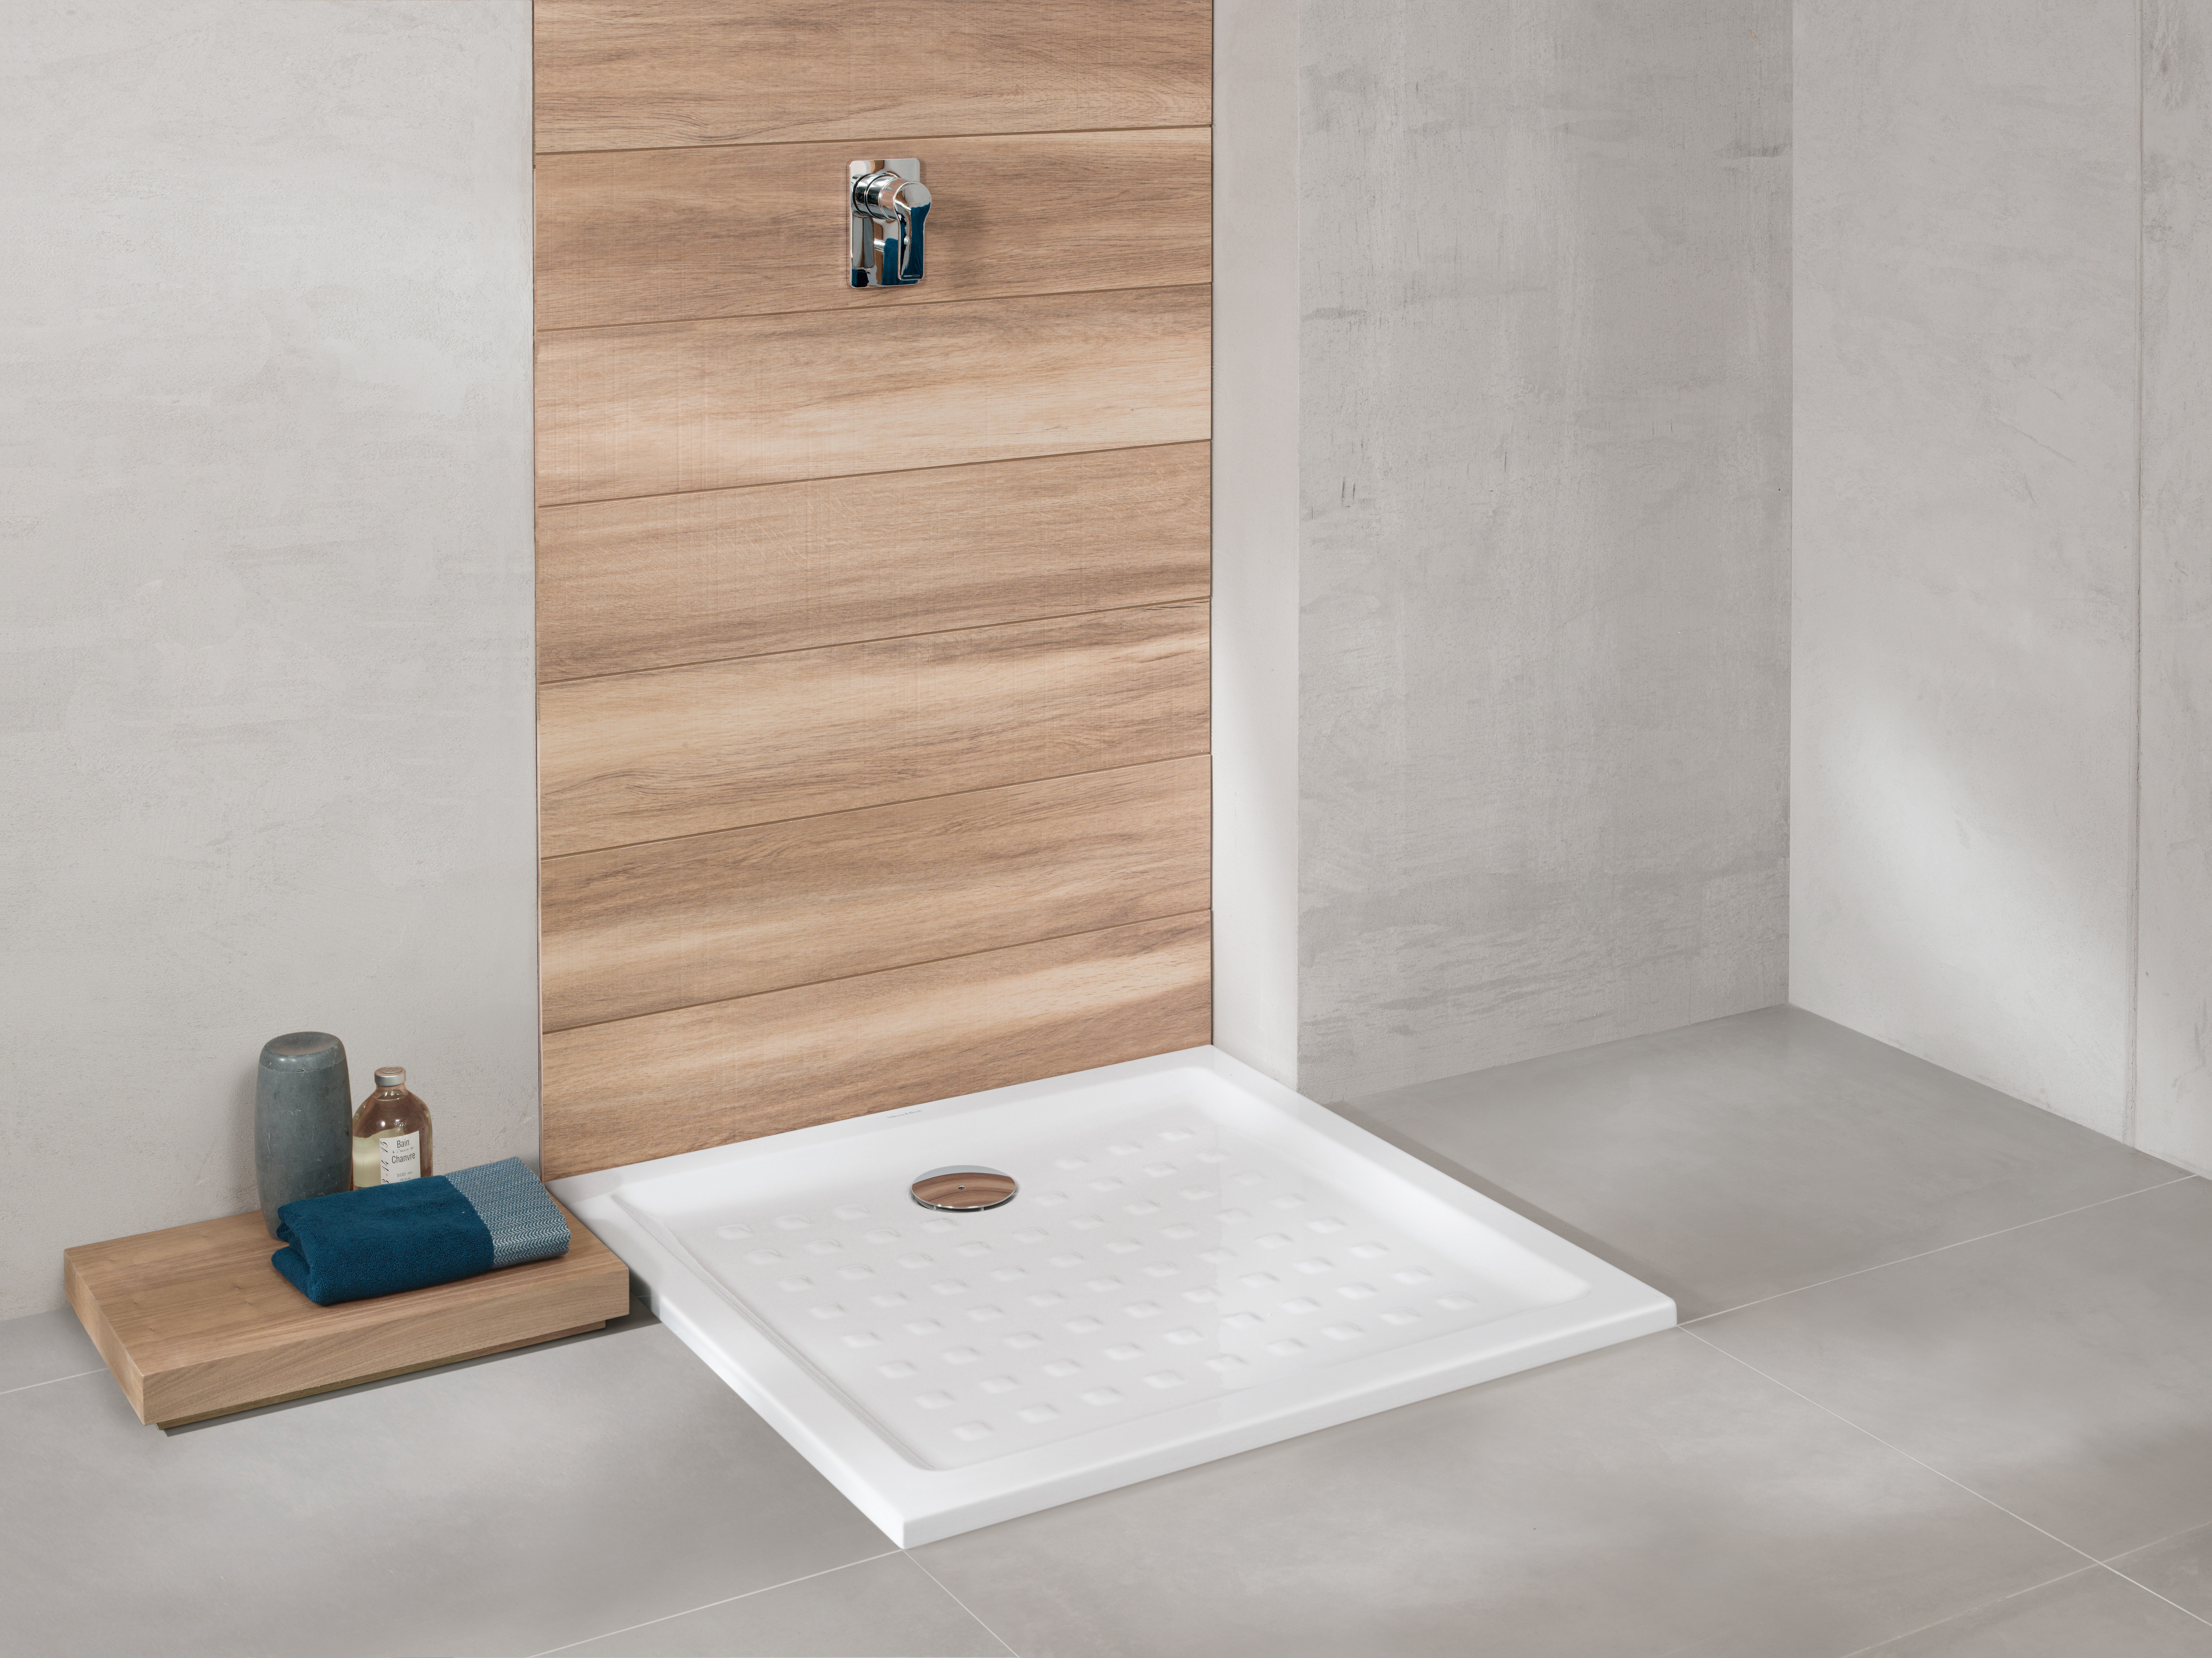 O.novo Piatto doccia, Piatti doccia (ceramica), Piatti doccia